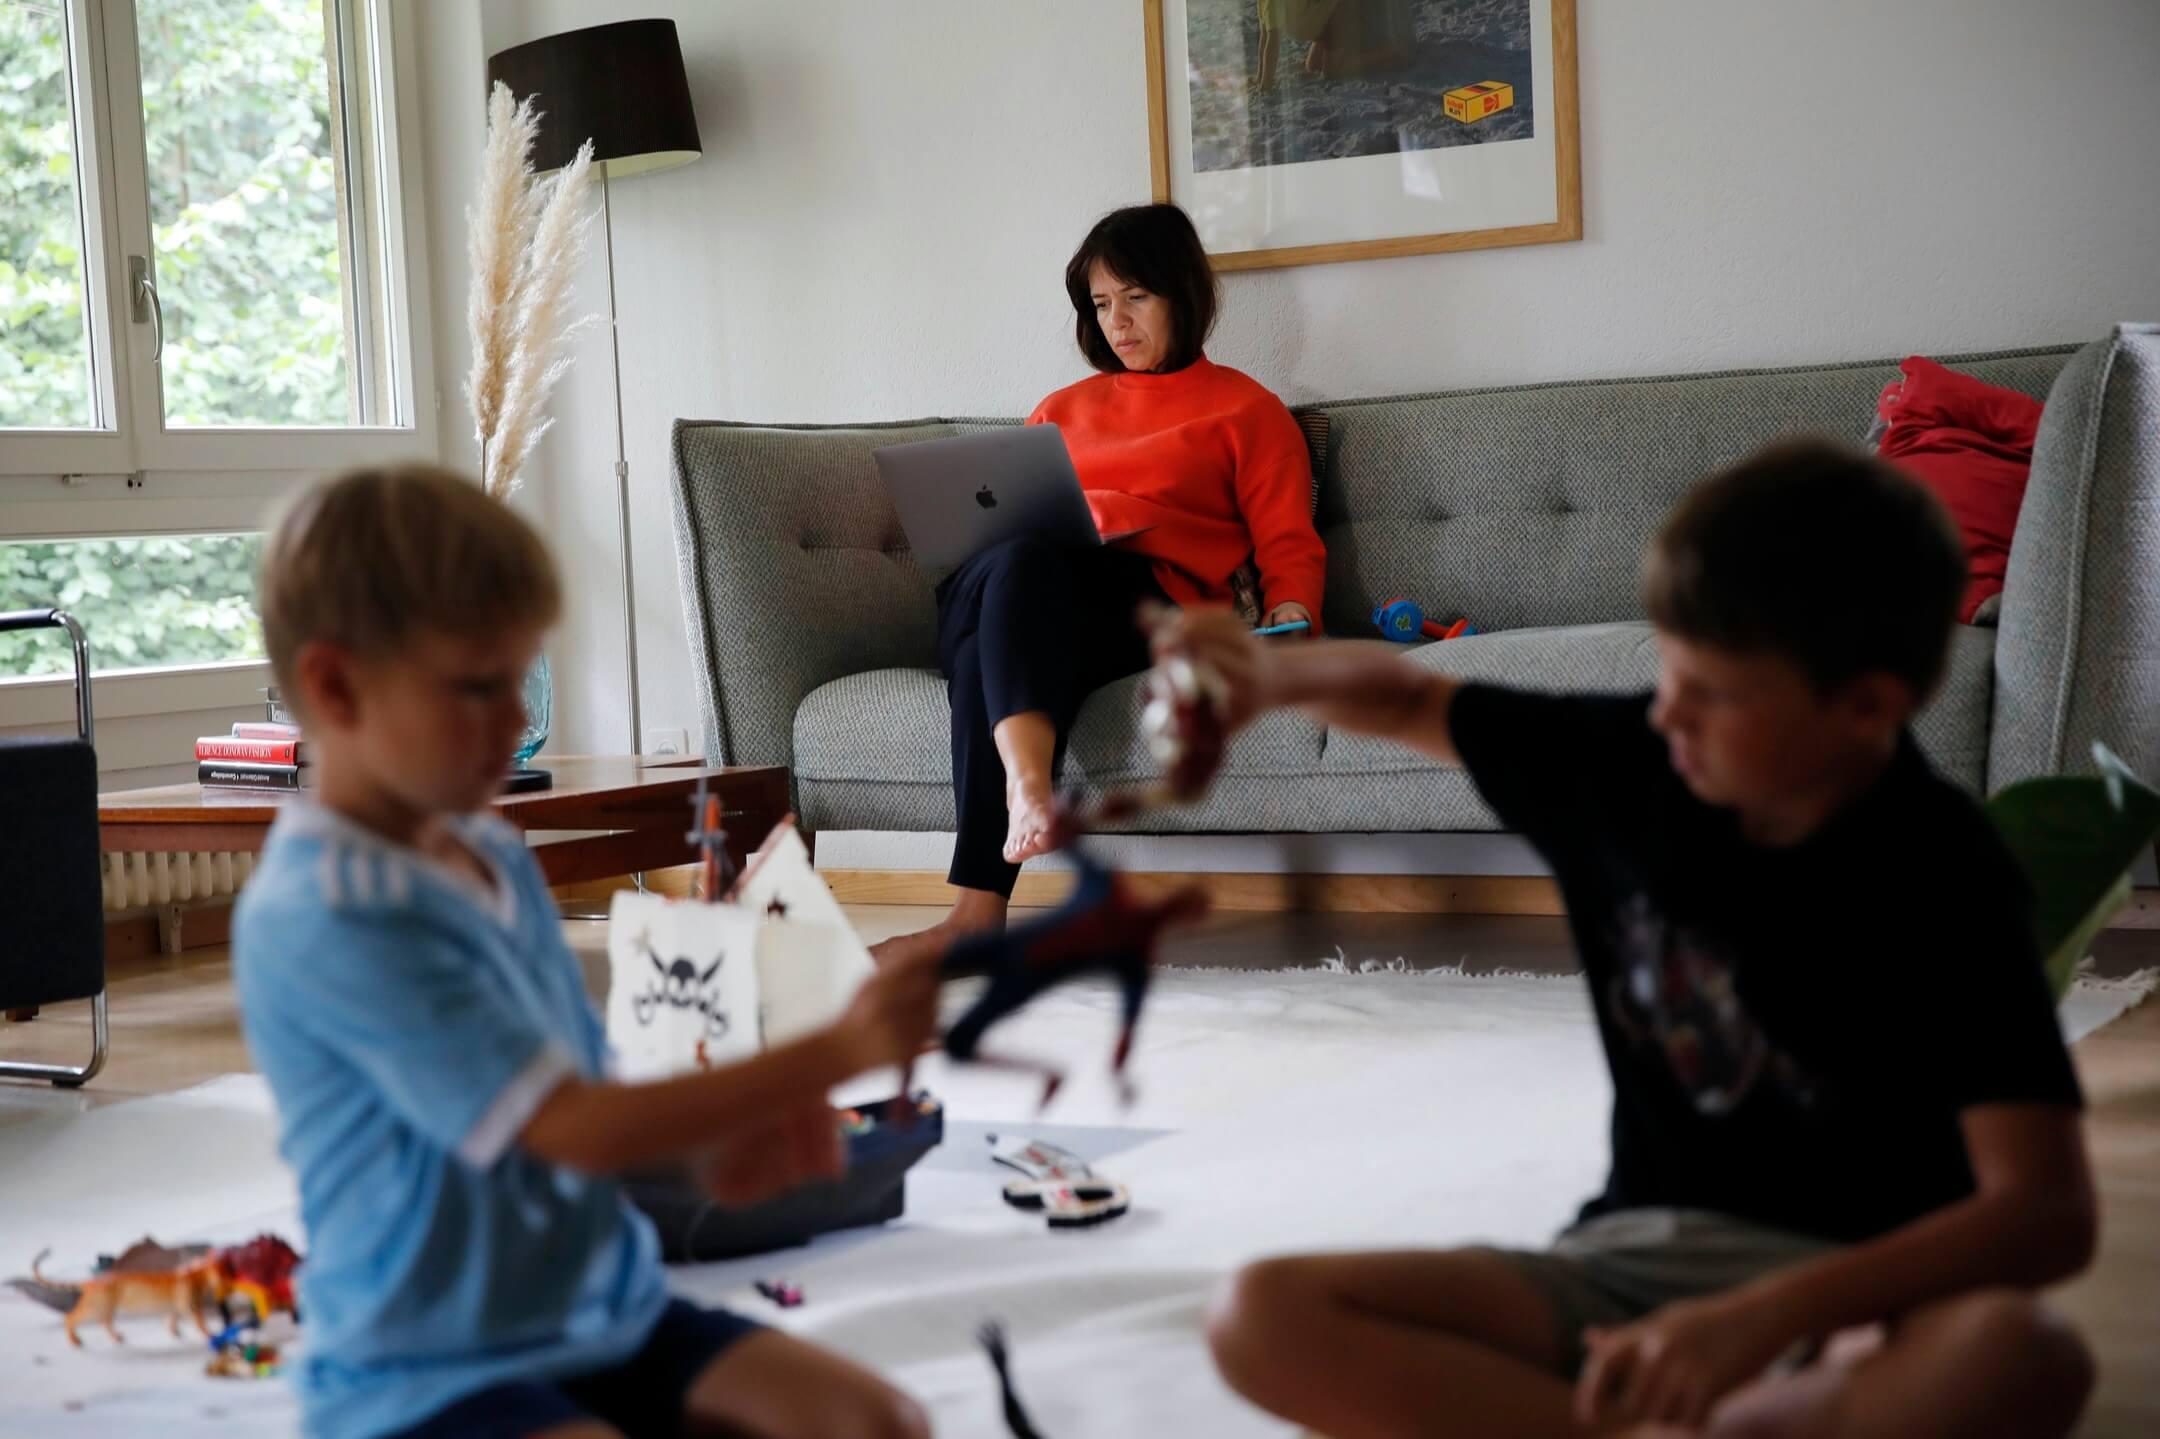 2020年8月19日,瑞士伯恩,一位媽媽因疫情關係需要在家工作,她的一對兒子在大廳玩耍。 攝:Stefan Wermuth/Bloomberg via Getty Images